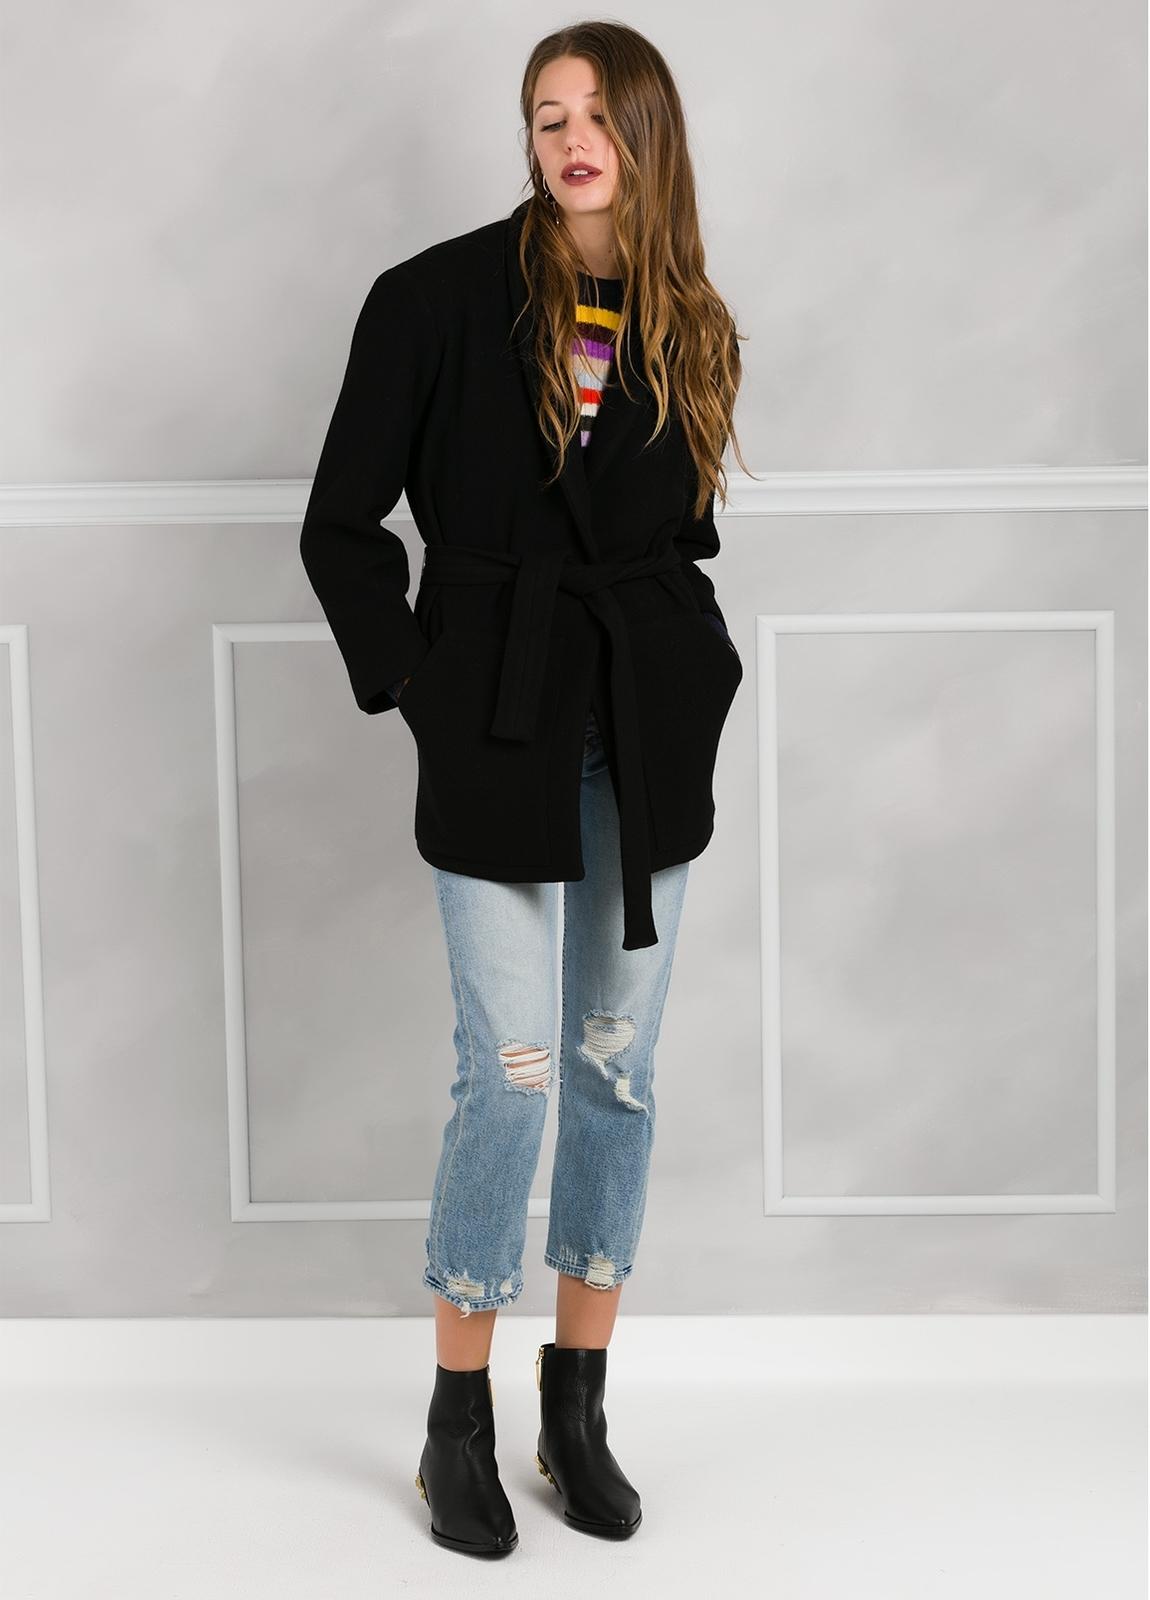 Abrigo color negro con cierre de botón. 76% Poliester 21% Viscosa 3% Elastán. - Ítem3